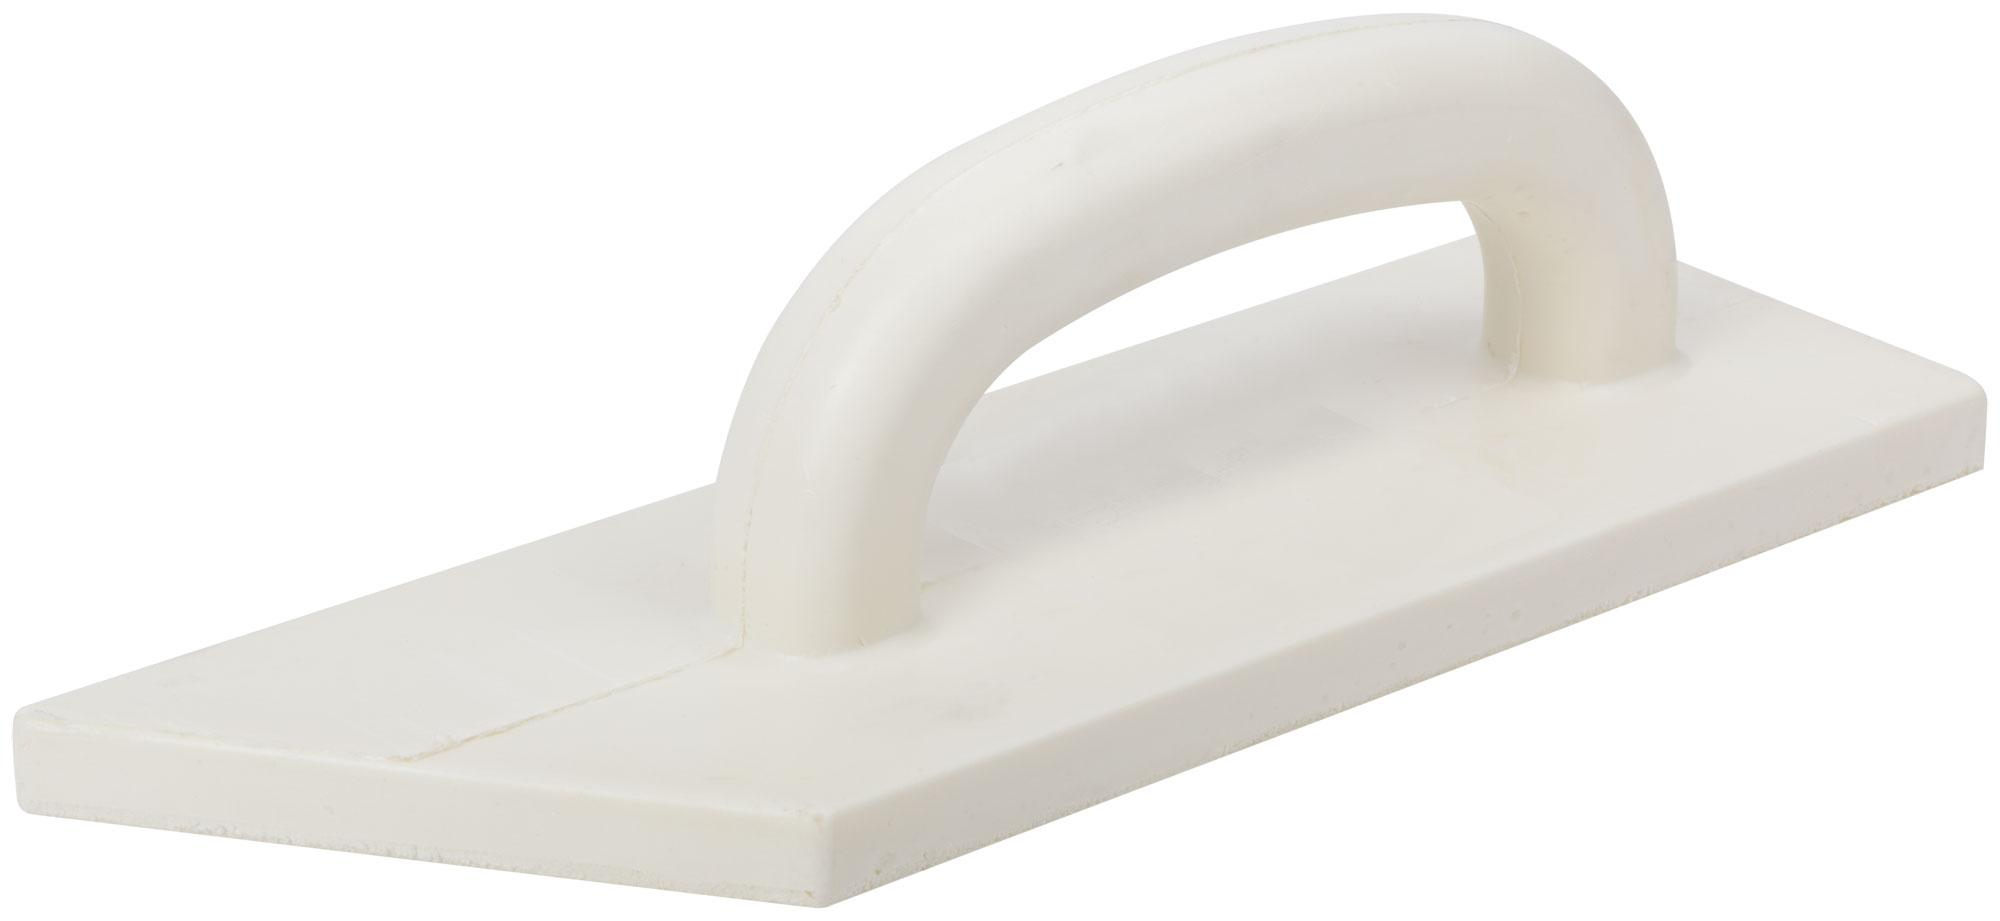 Терка для шлифовальных работ Fit 05534